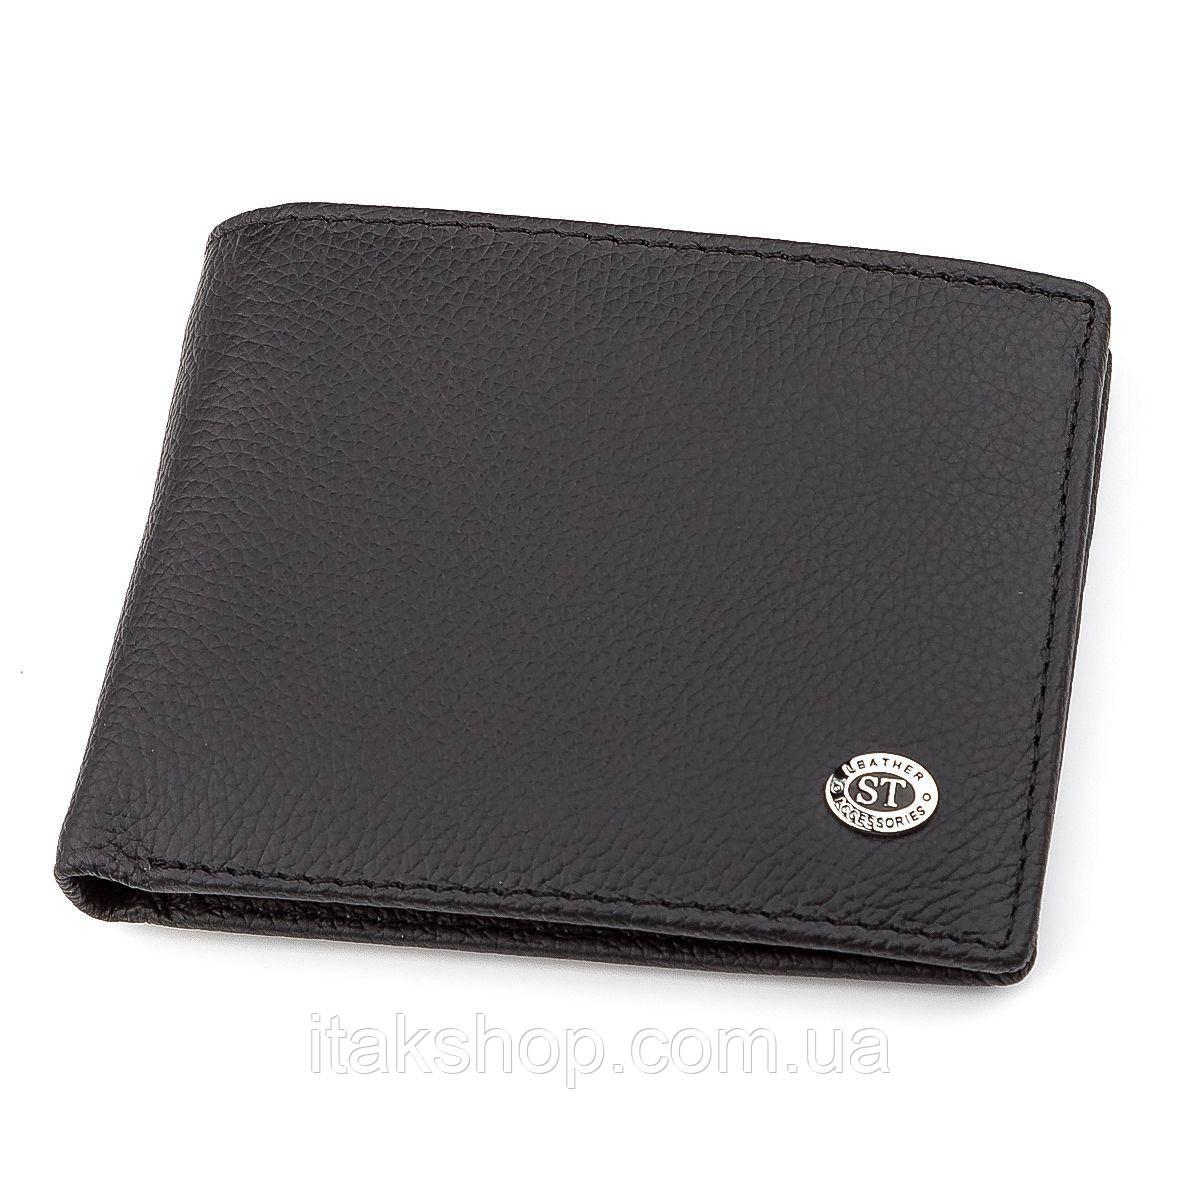 Мужской кошелек ST Leather 18352 (ST-1) натуральная кожа Черный, Черный